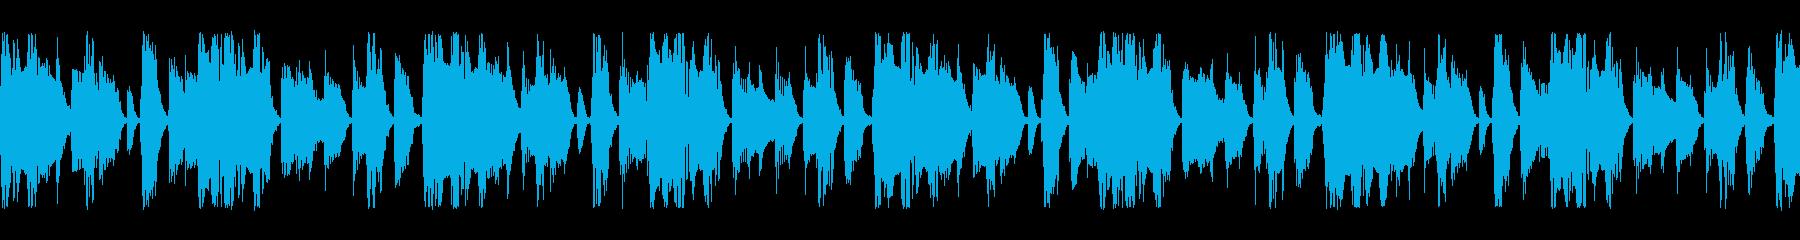 パーカションとベースのループの再生済みの波形